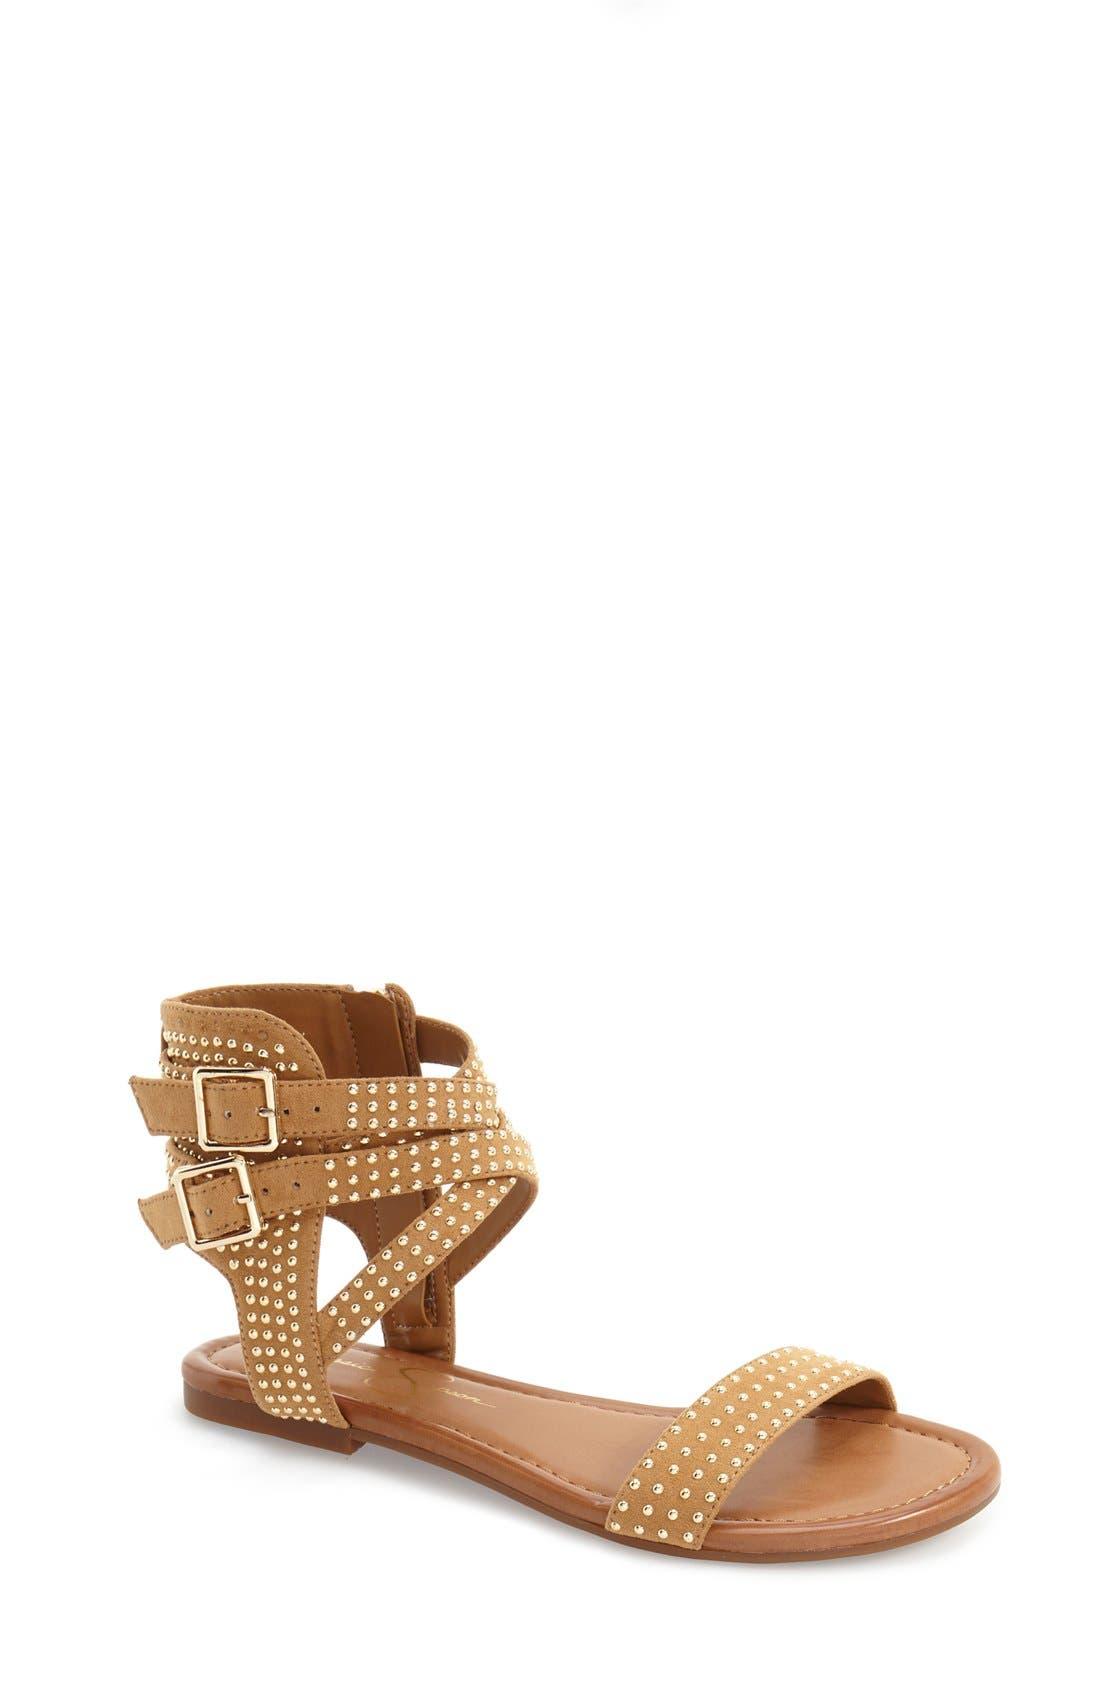 JESSICA SIMPSON Karessa Studded Flat Sandal